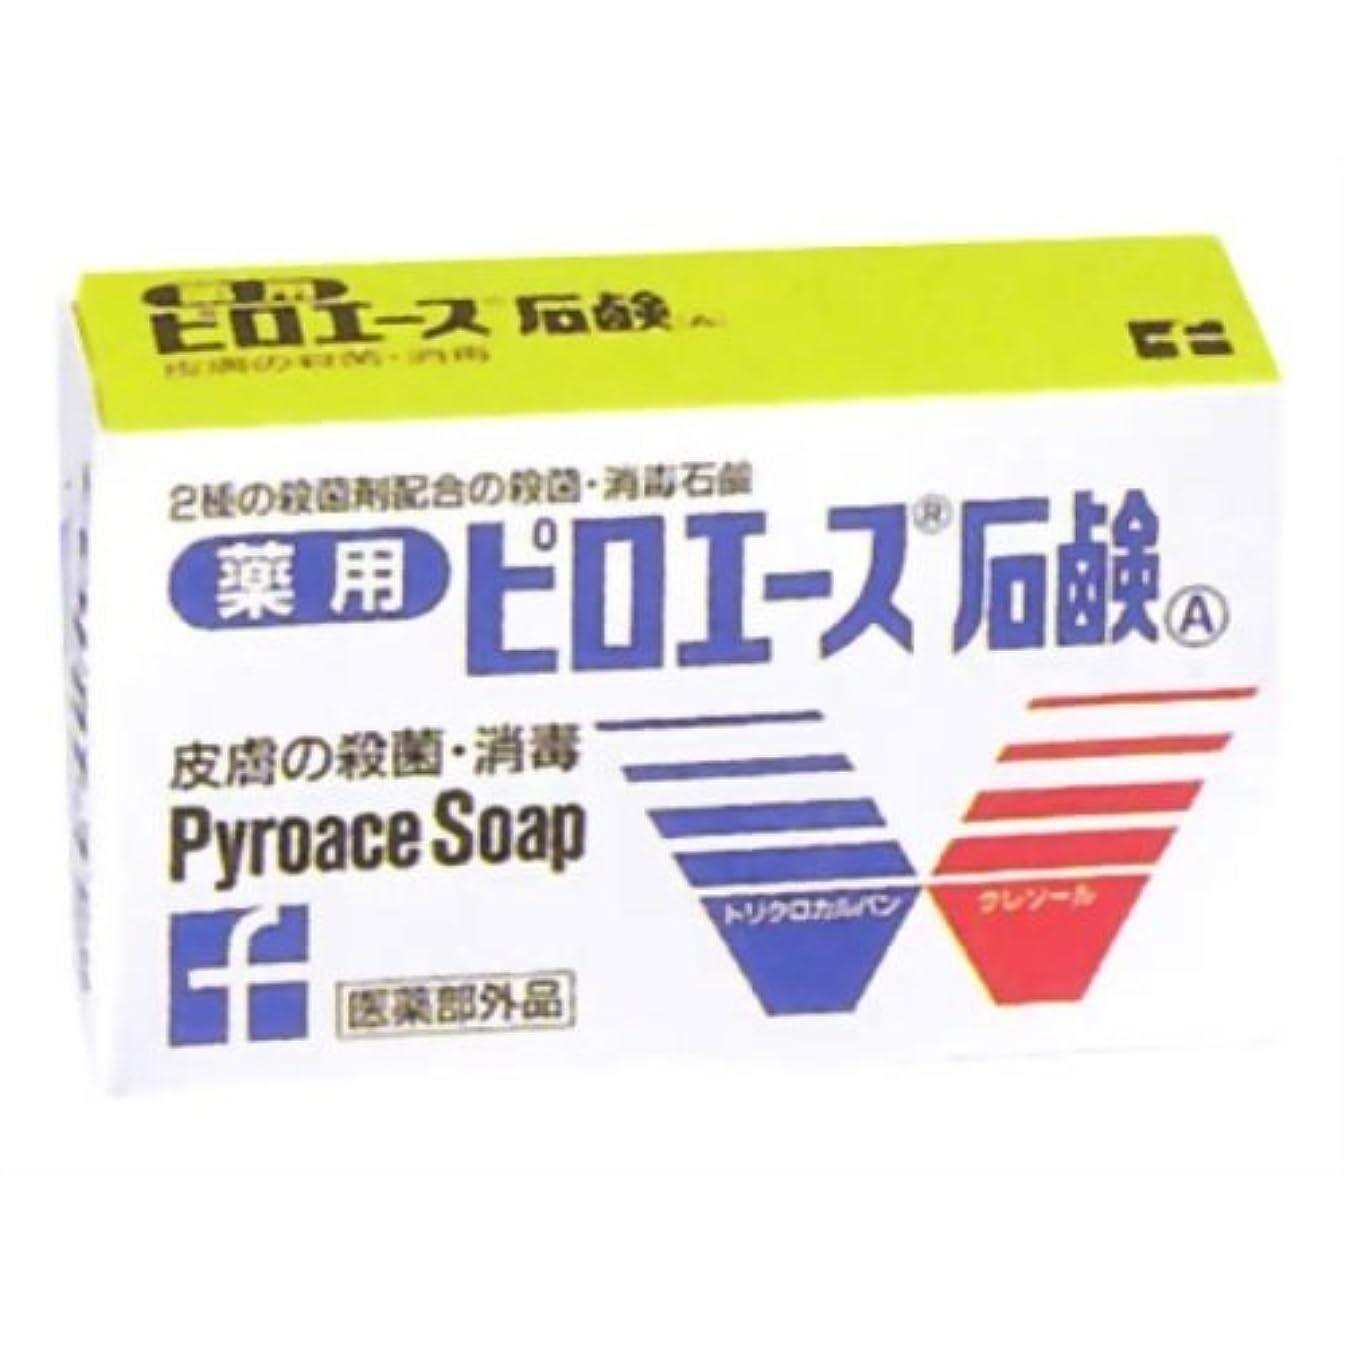 札入れ暗い刺繍【第一三共ヘルスケア】ピロエース石鹸 70g